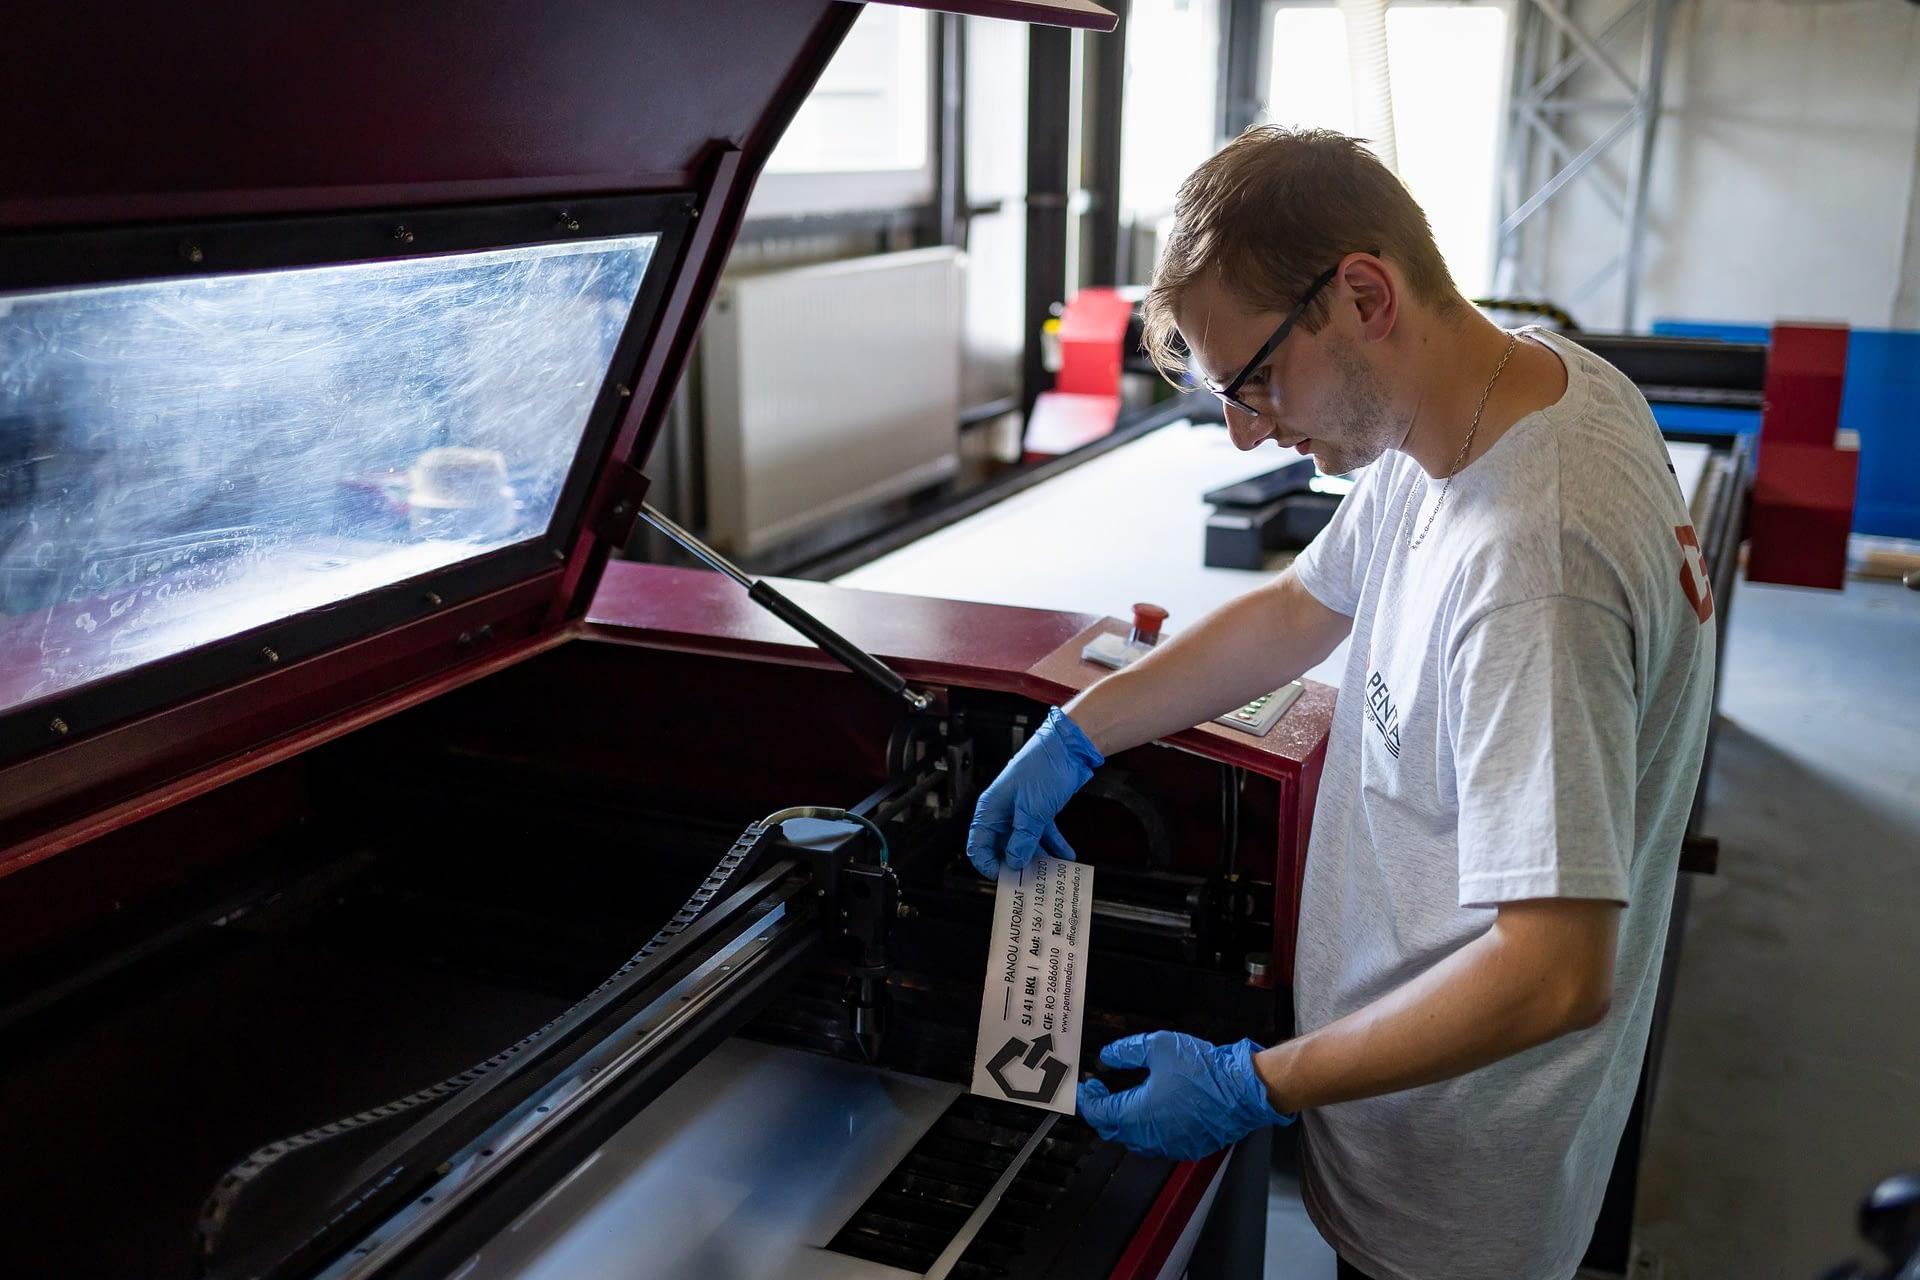 Gravare cu laser se utilizează în principal pentru  personalizarea anumitor obiecte .